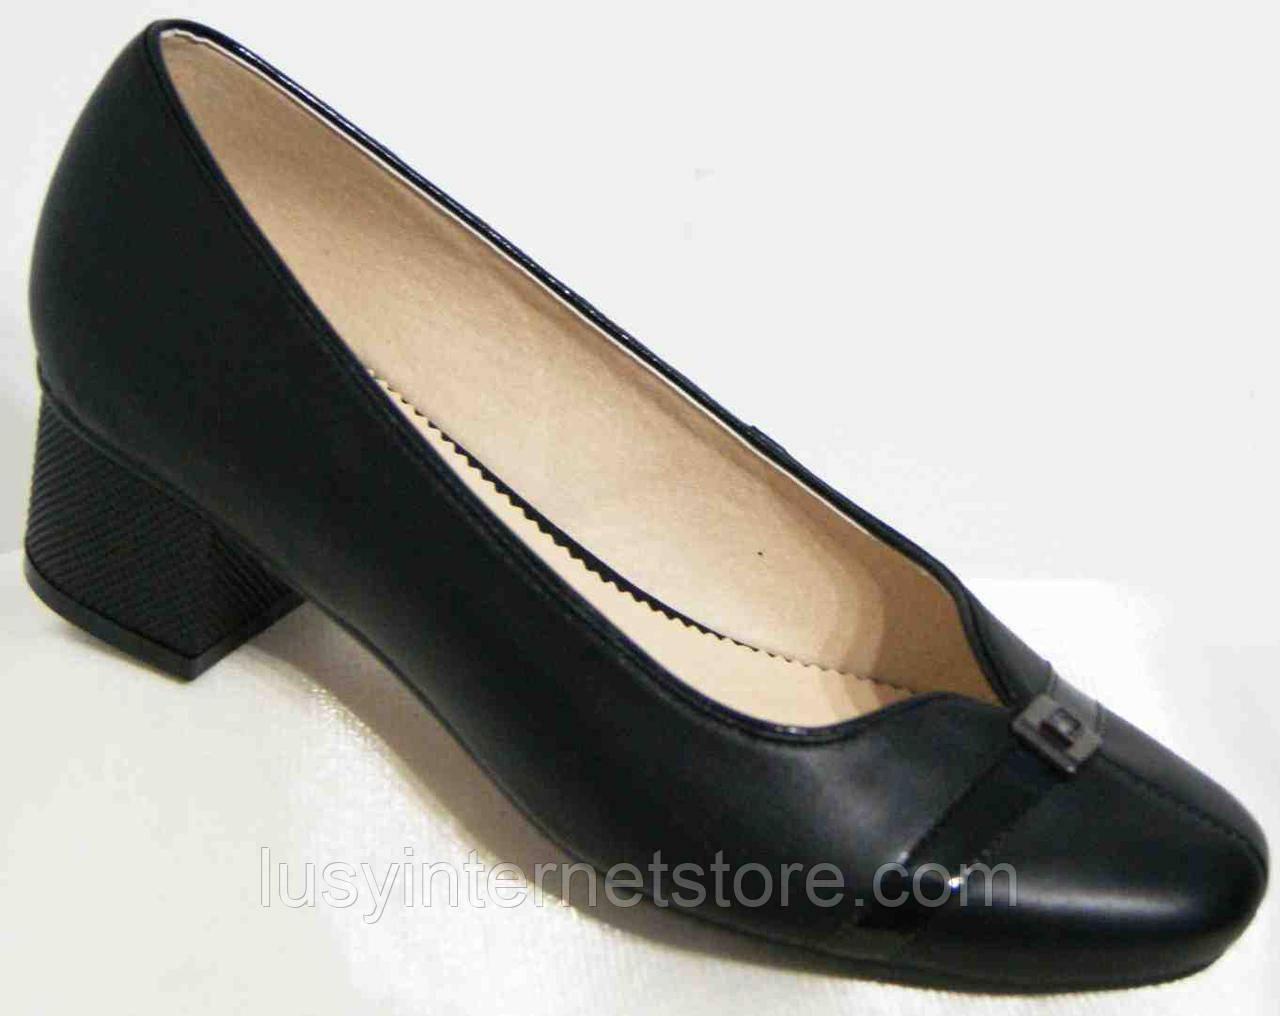 Туфли женские кожаные на каблуке, большие размеры от производителя модель  МИ929k-17 - Lusy 12302815cca